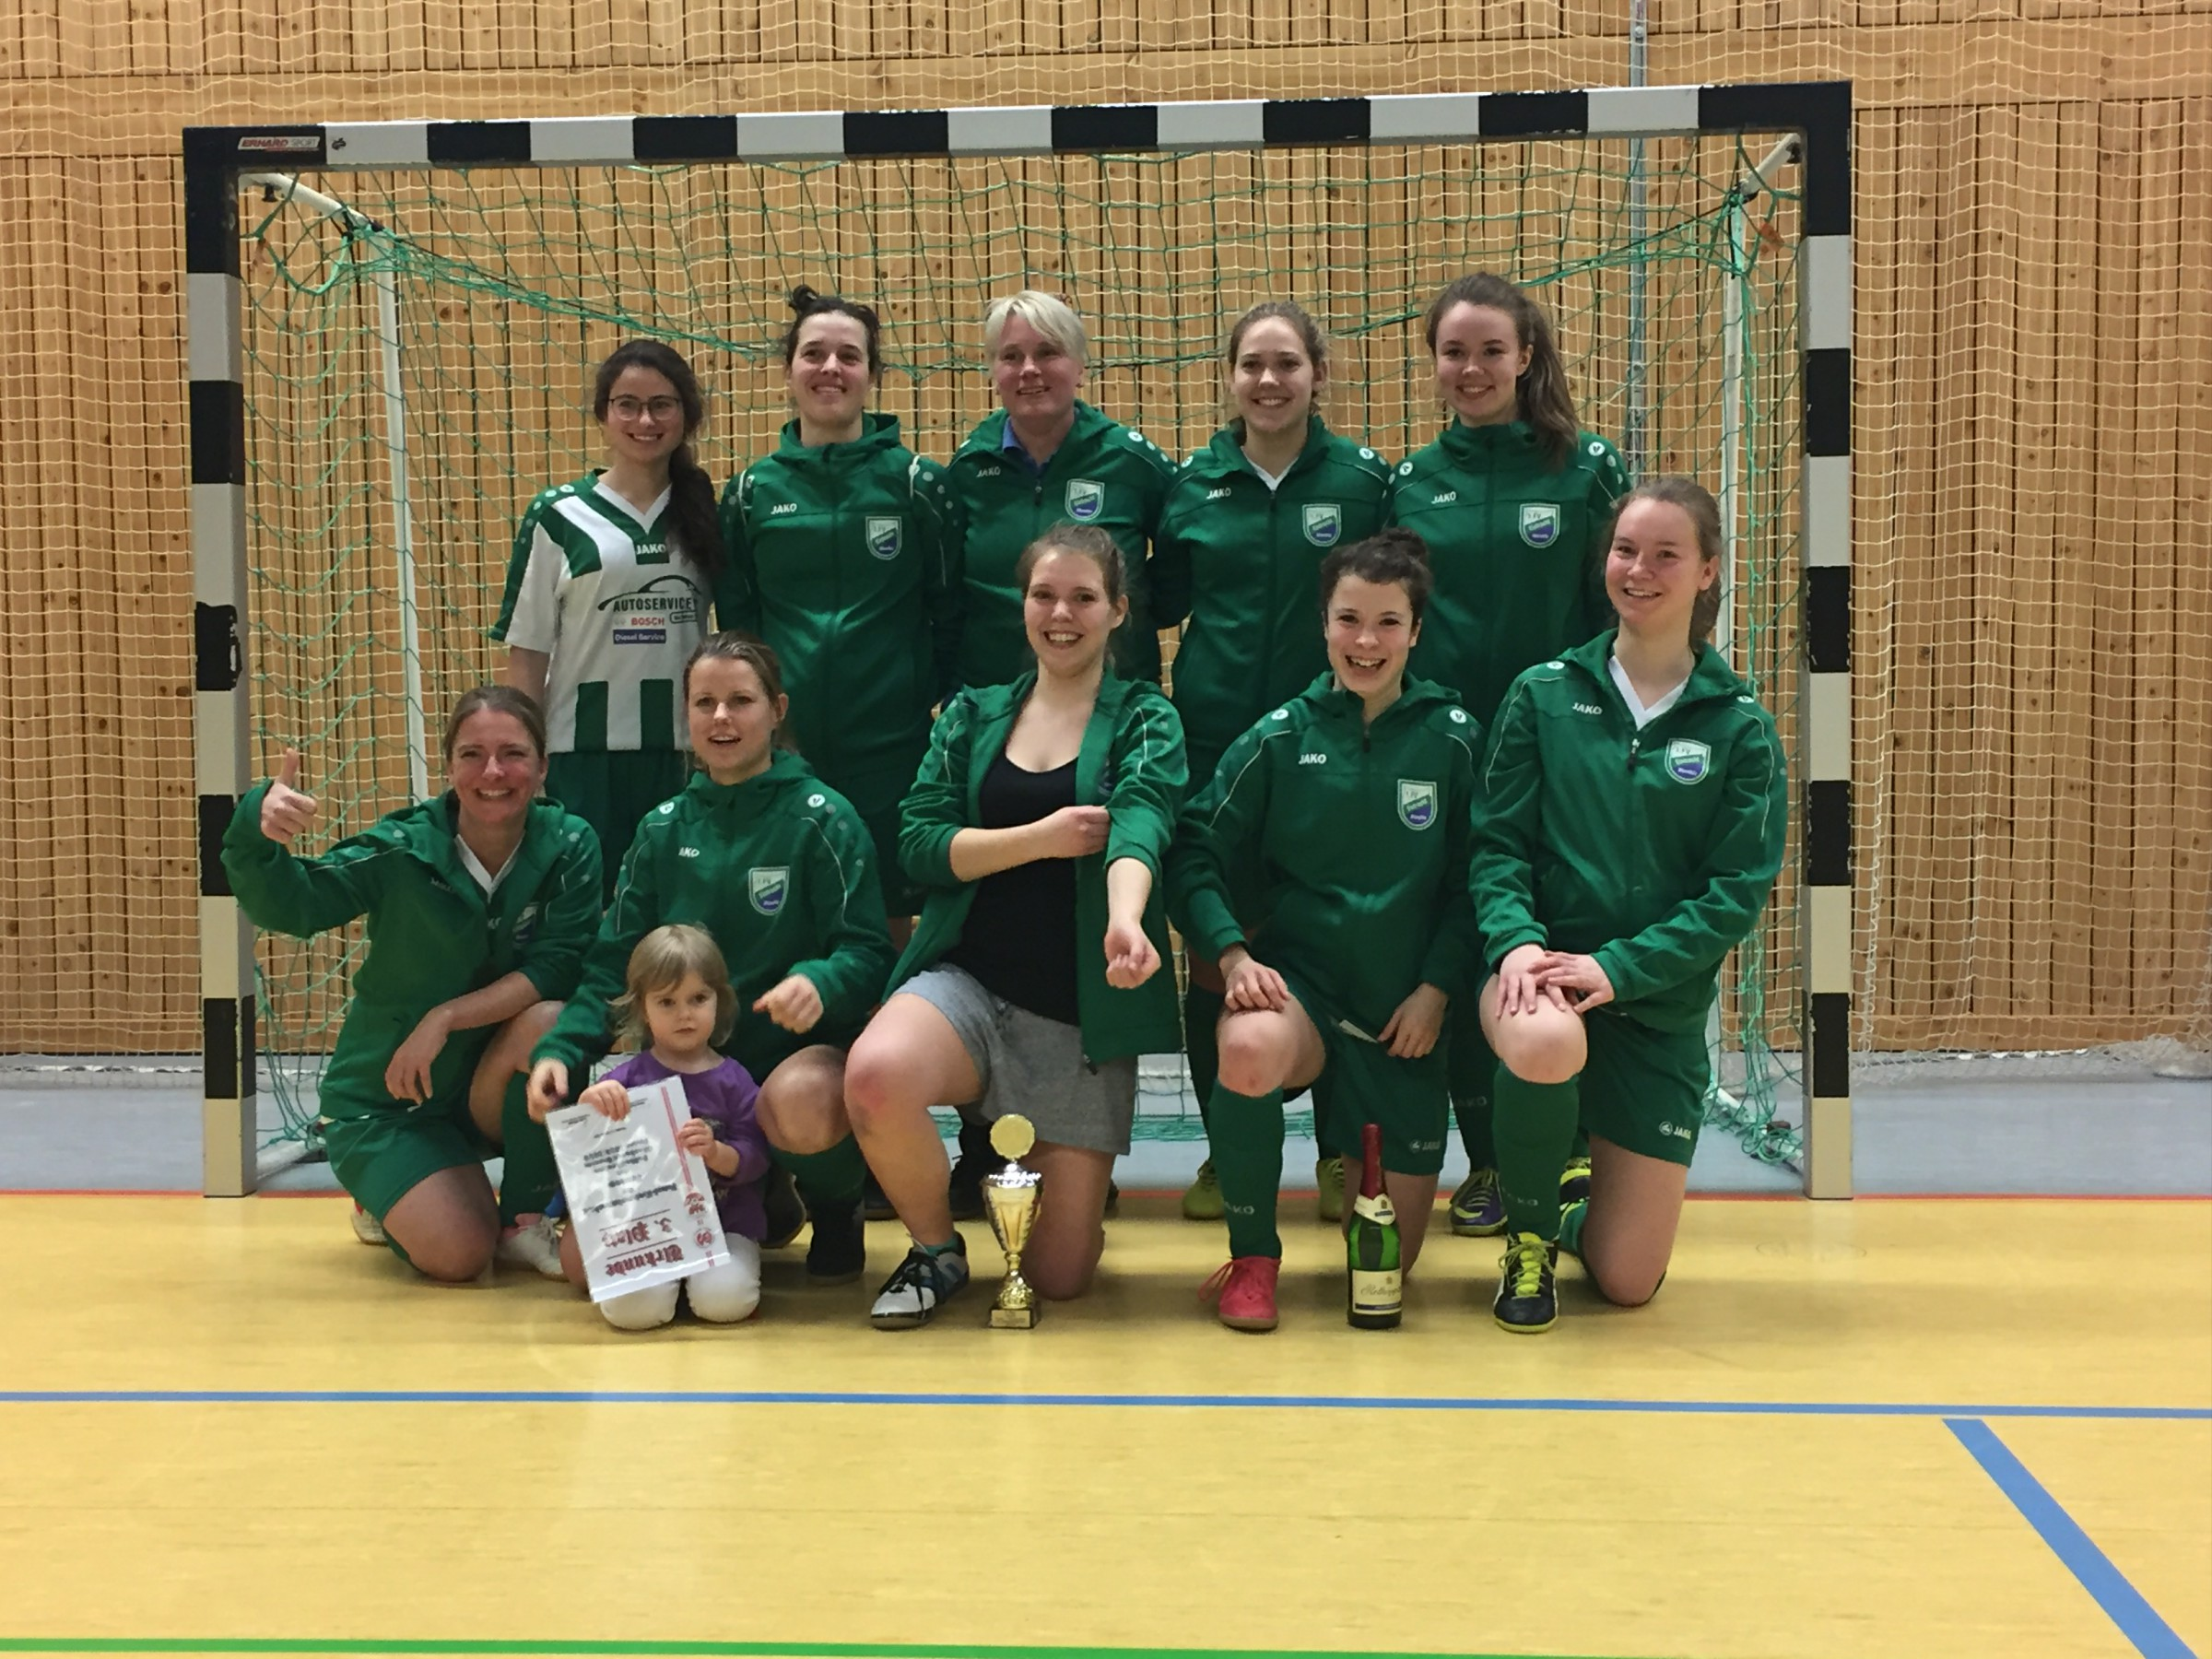 20190216 Frau der SG Wandlitz-Basdorf erreichen 3. Platz bei der Futsal-HKM~1